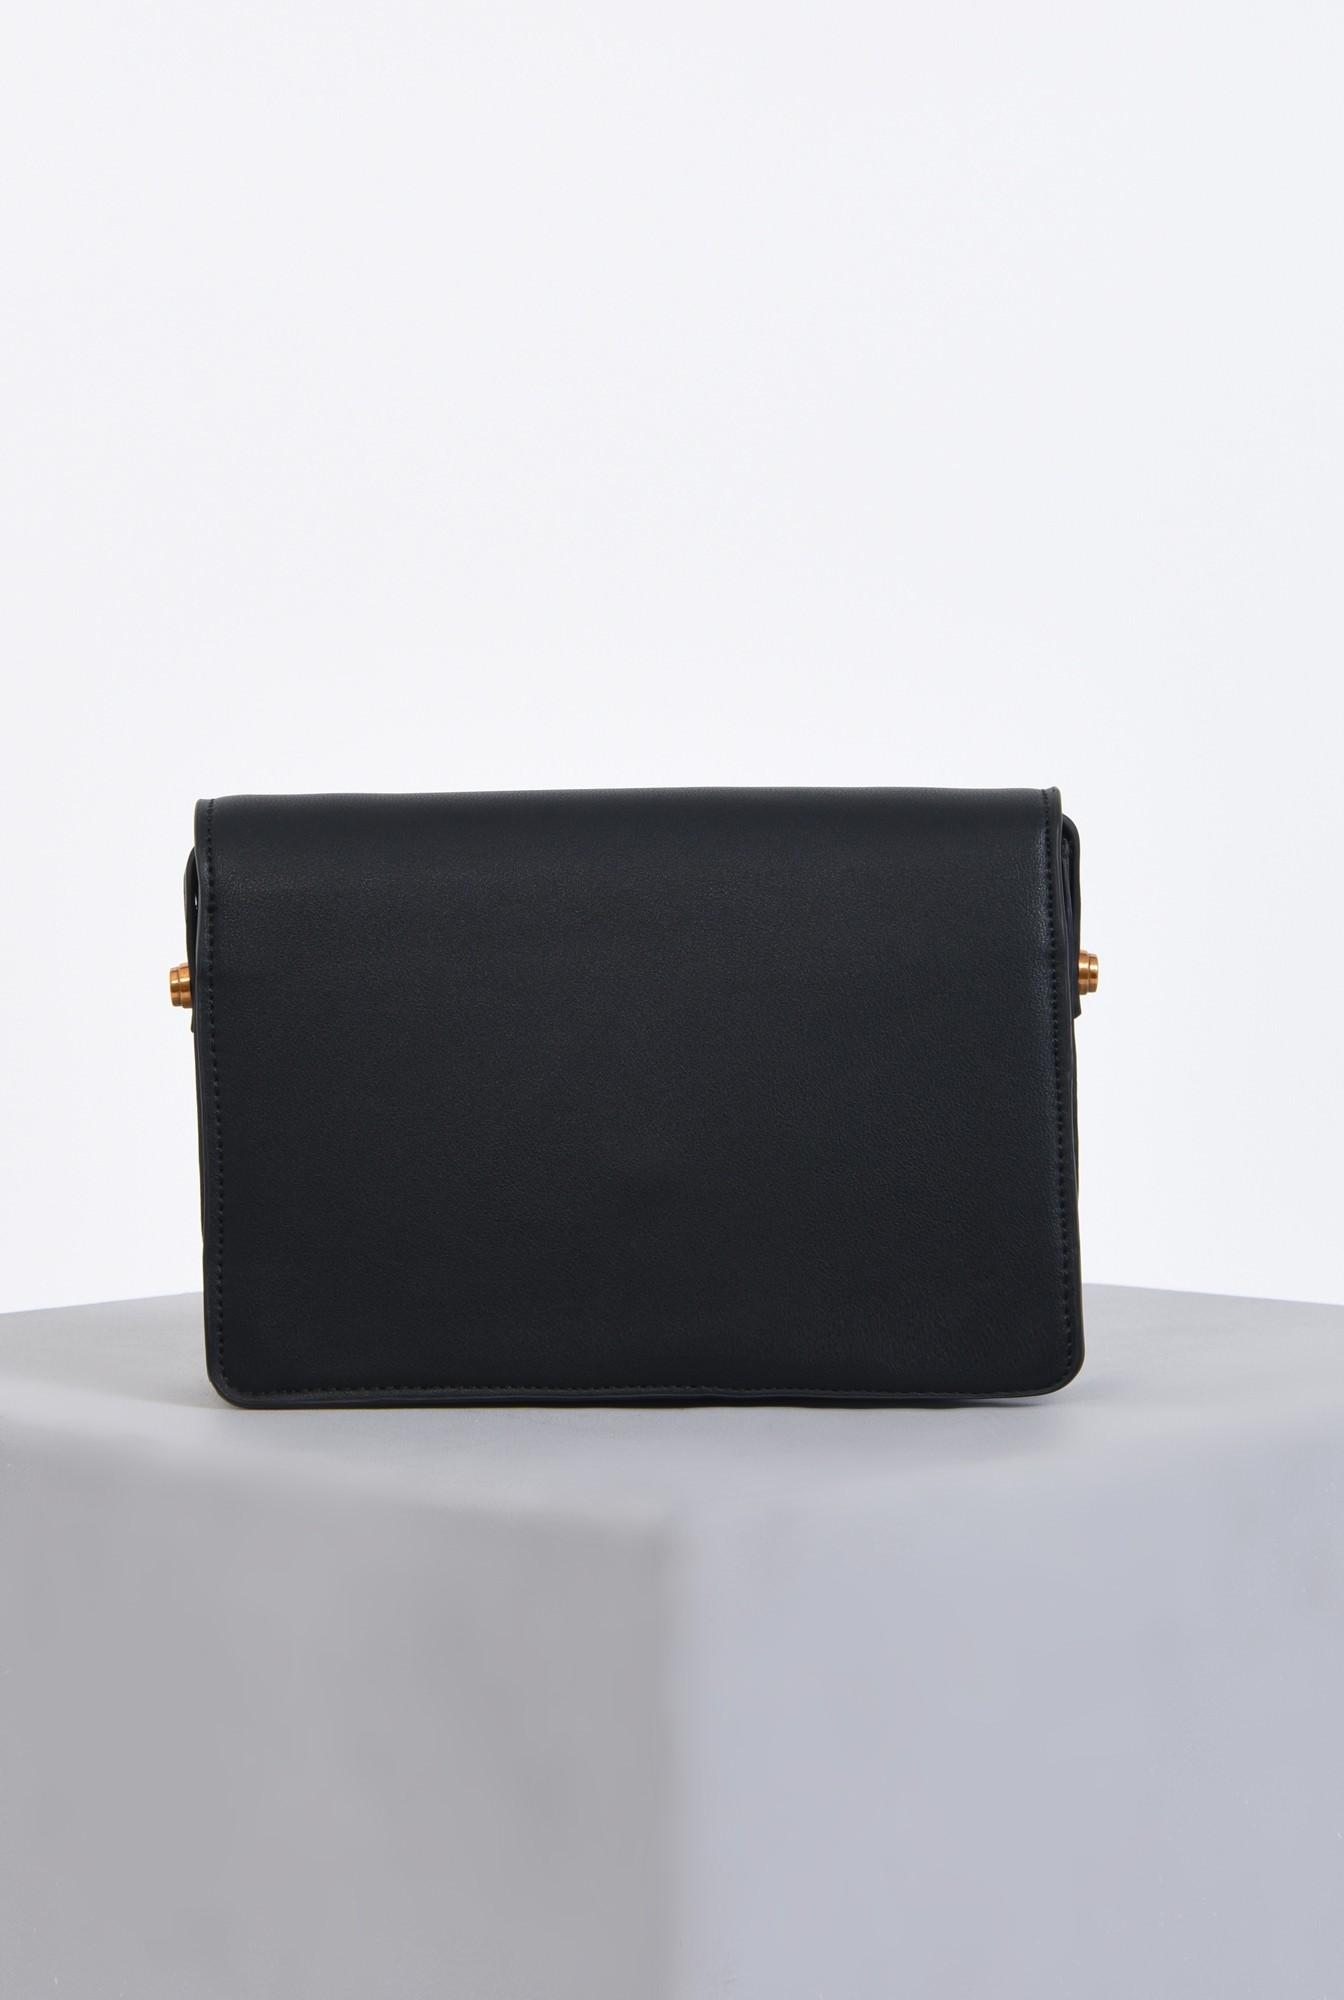 2 - geanta casual, negru, accesorii